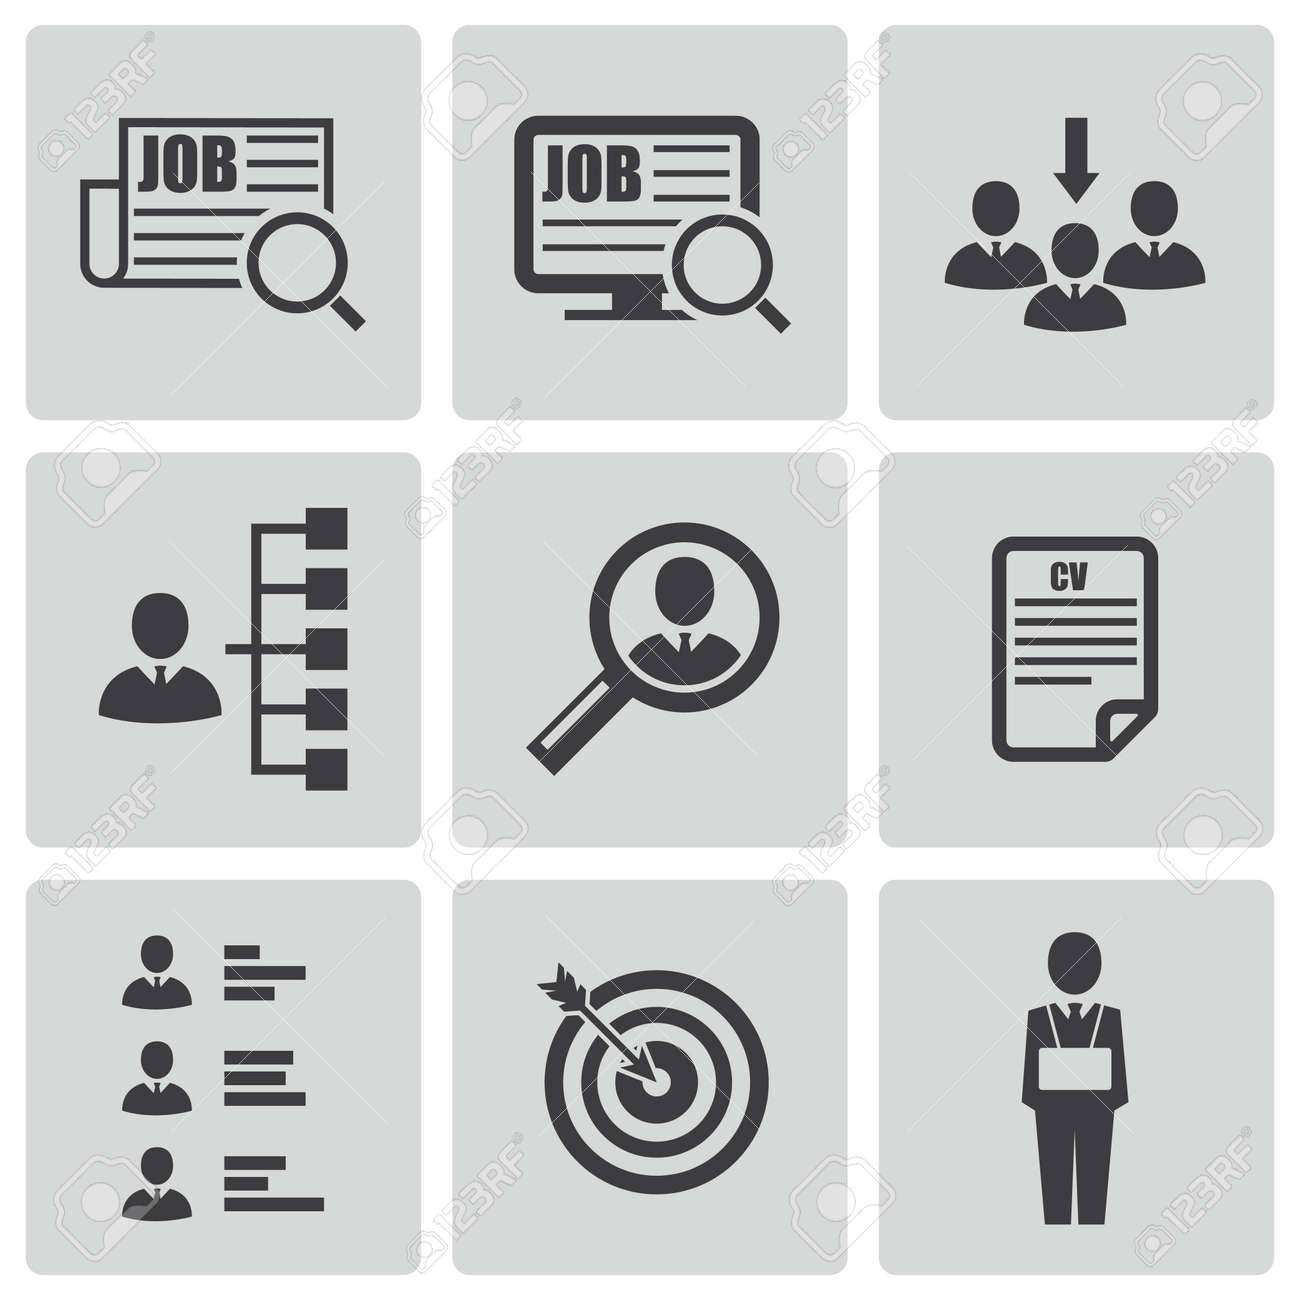 job vacancy stock photos images royalty job vacancy images job vacancy black job search icons set